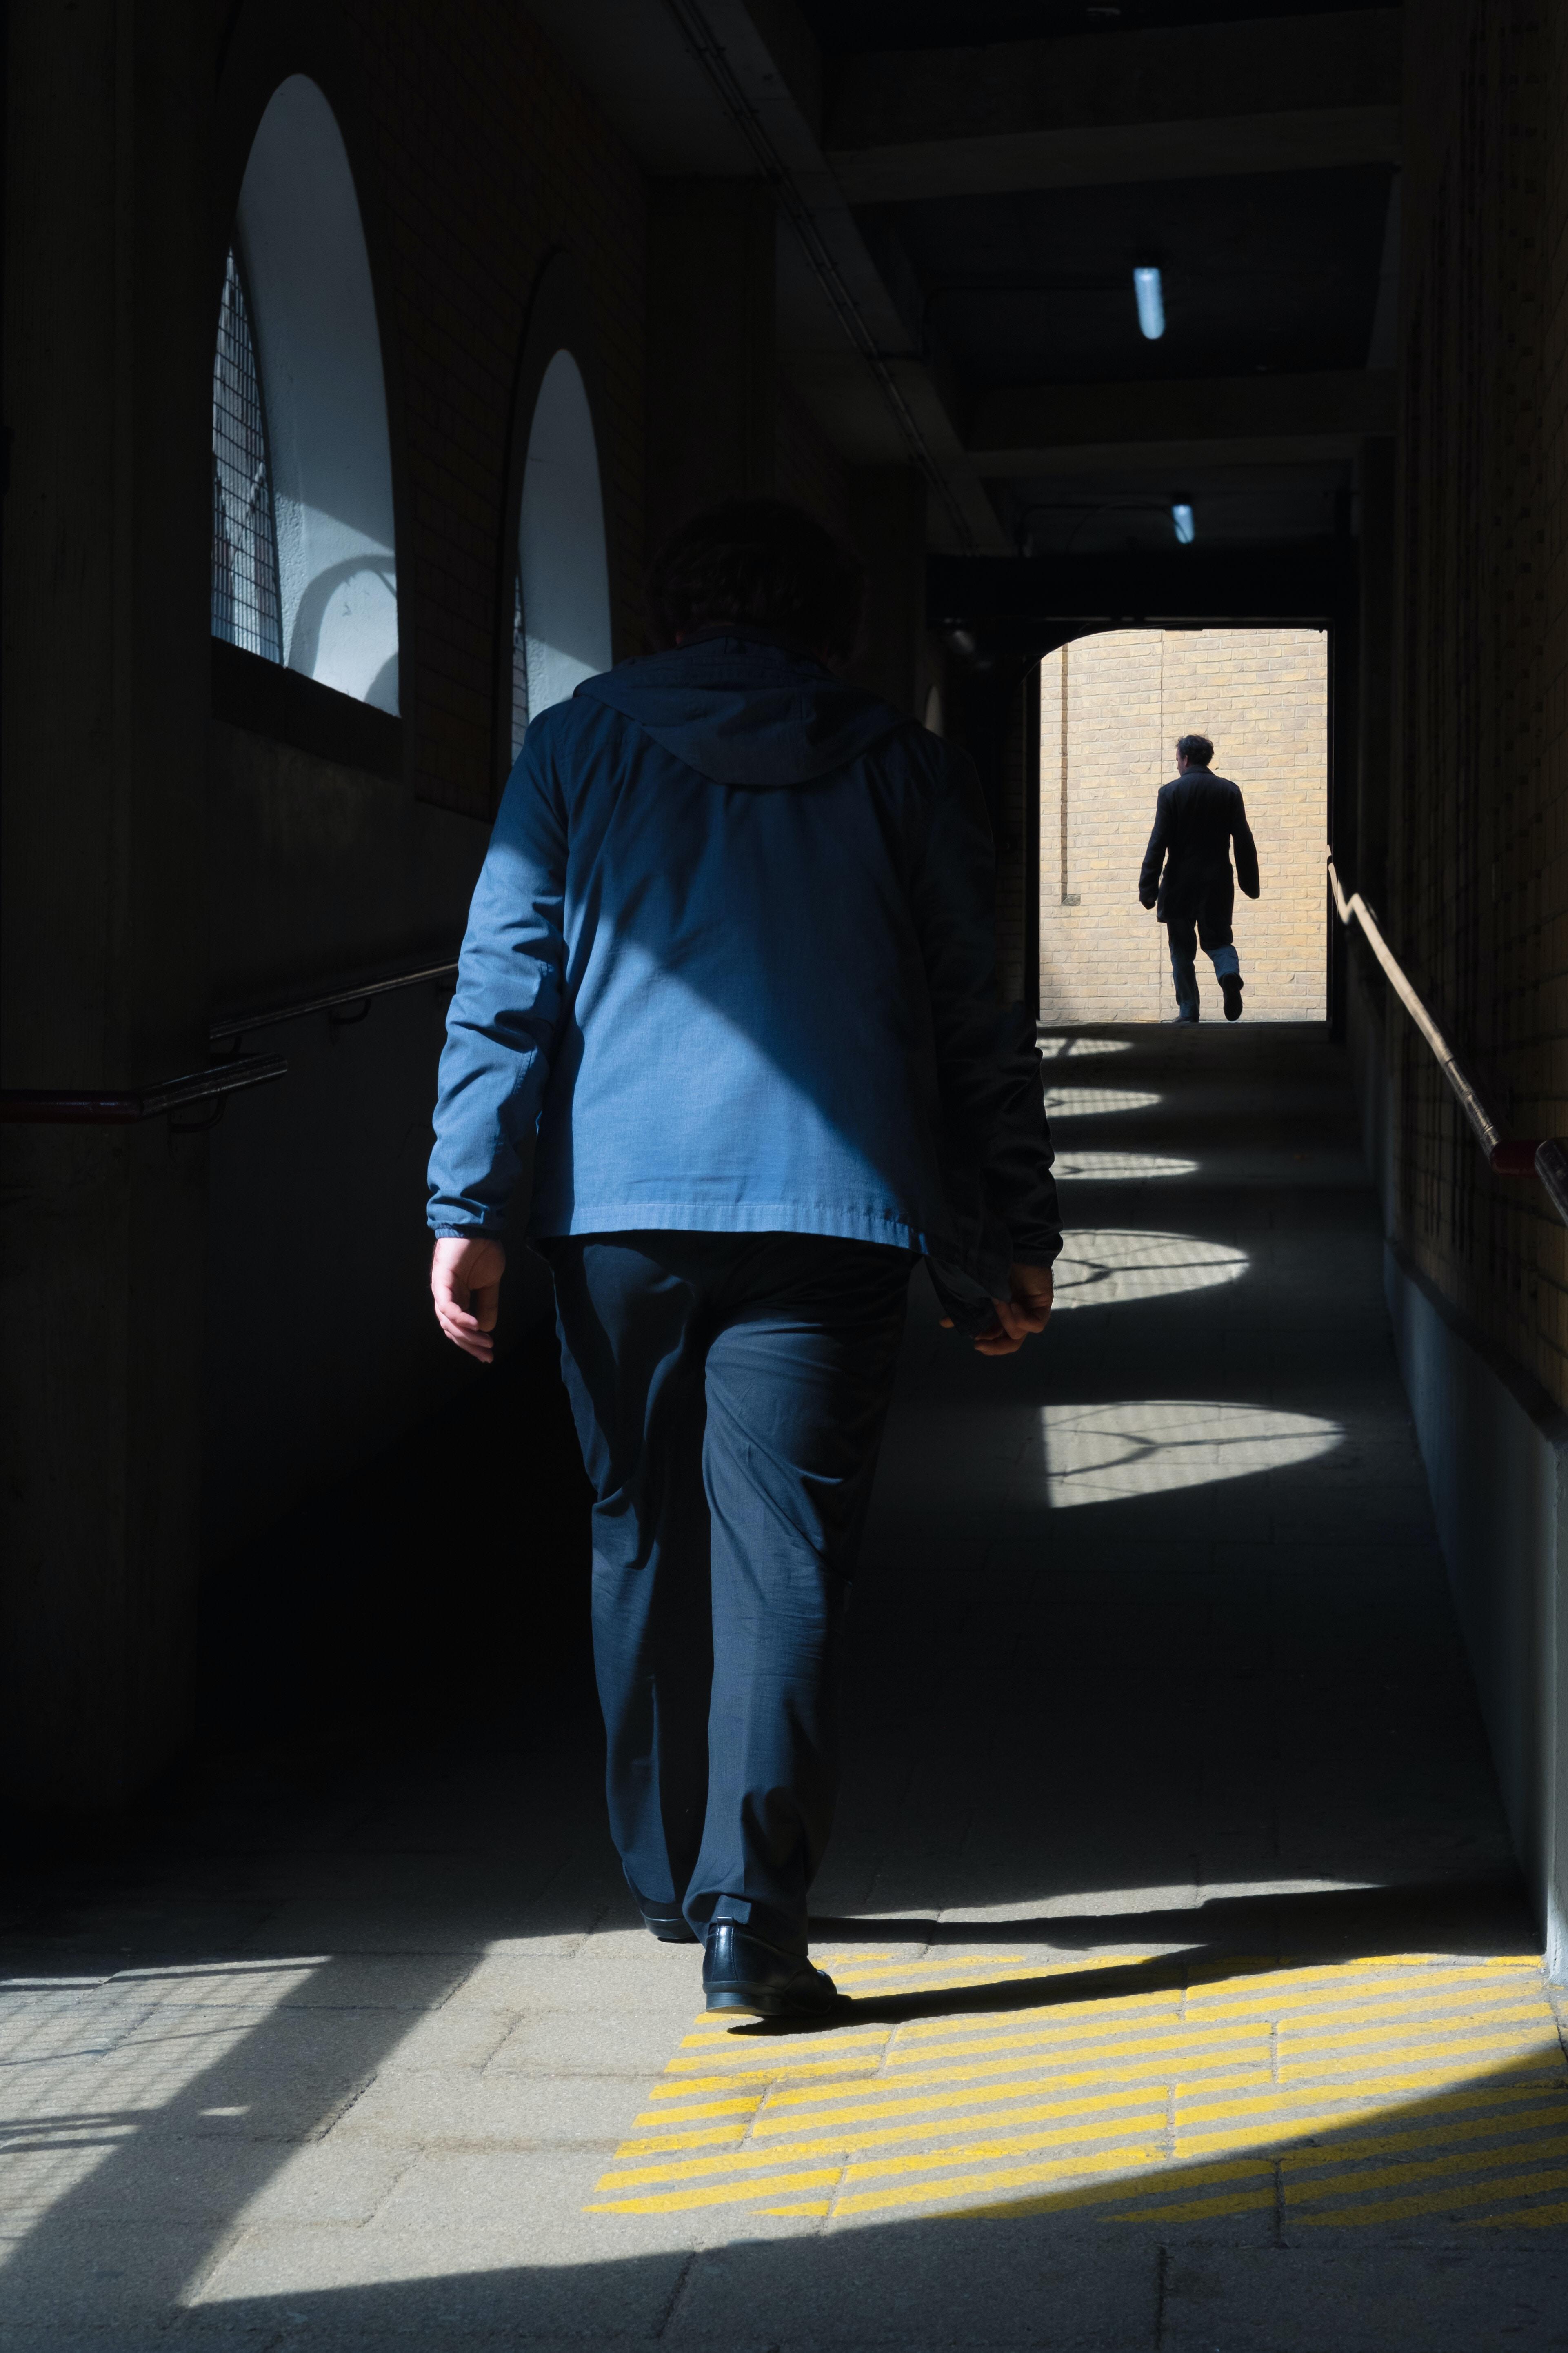 man walking in pathway